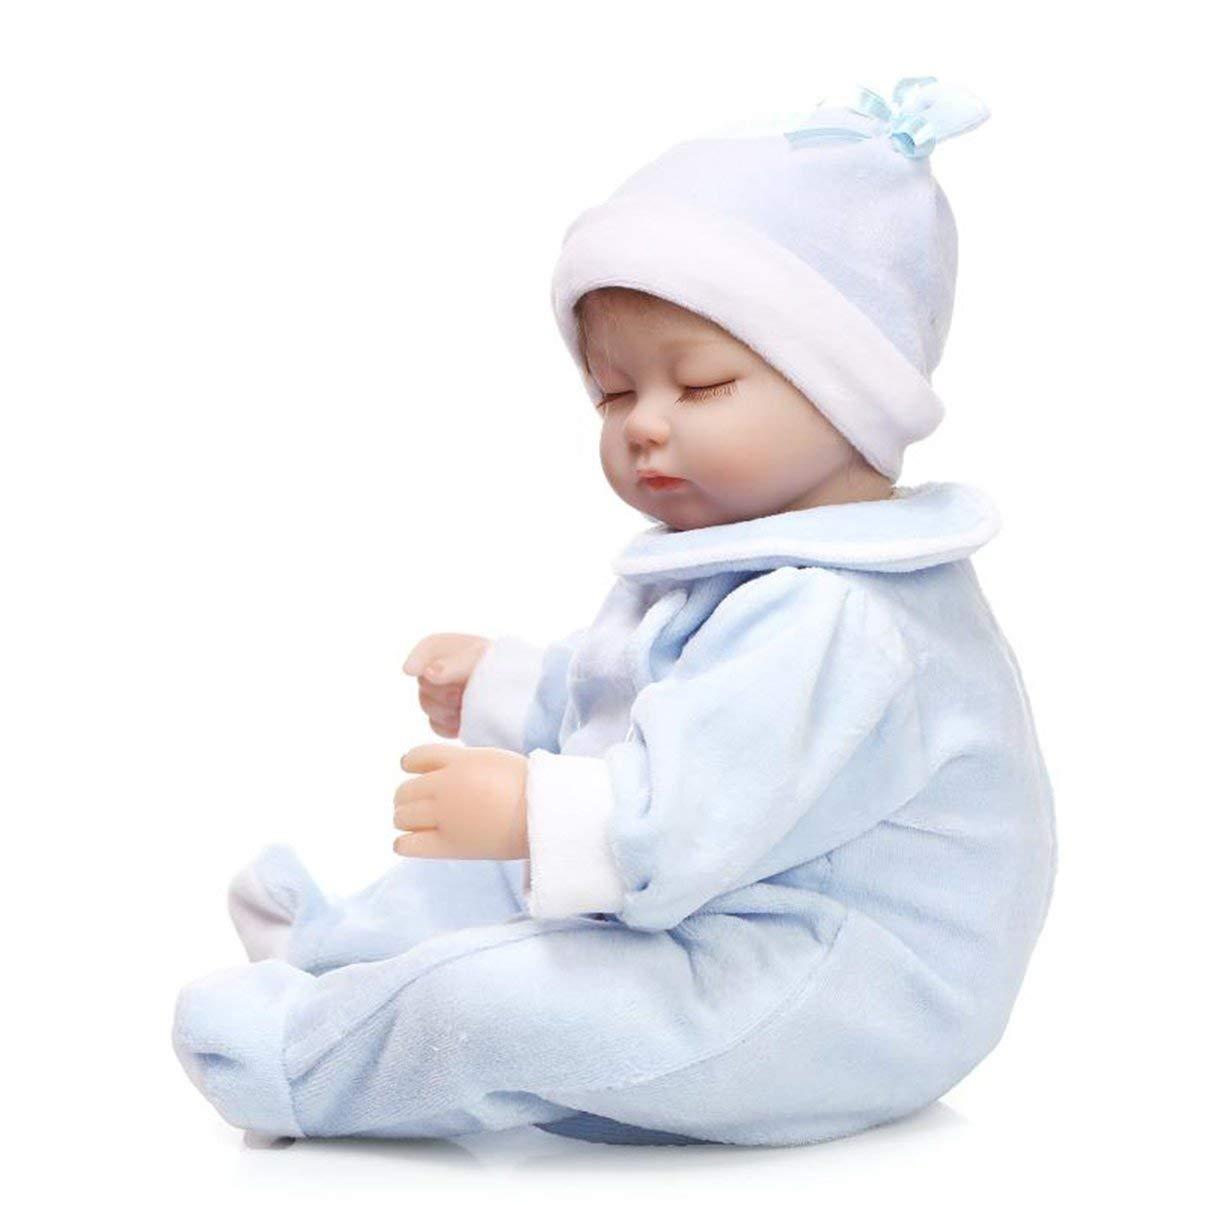 JullyeleDEgant Voller Silikon-Körper Reborn Babypuppe Spielzeug Realistische Neugeborenen Babies Puppe mit Milchflasche Beste Geburtstagsgeschenk